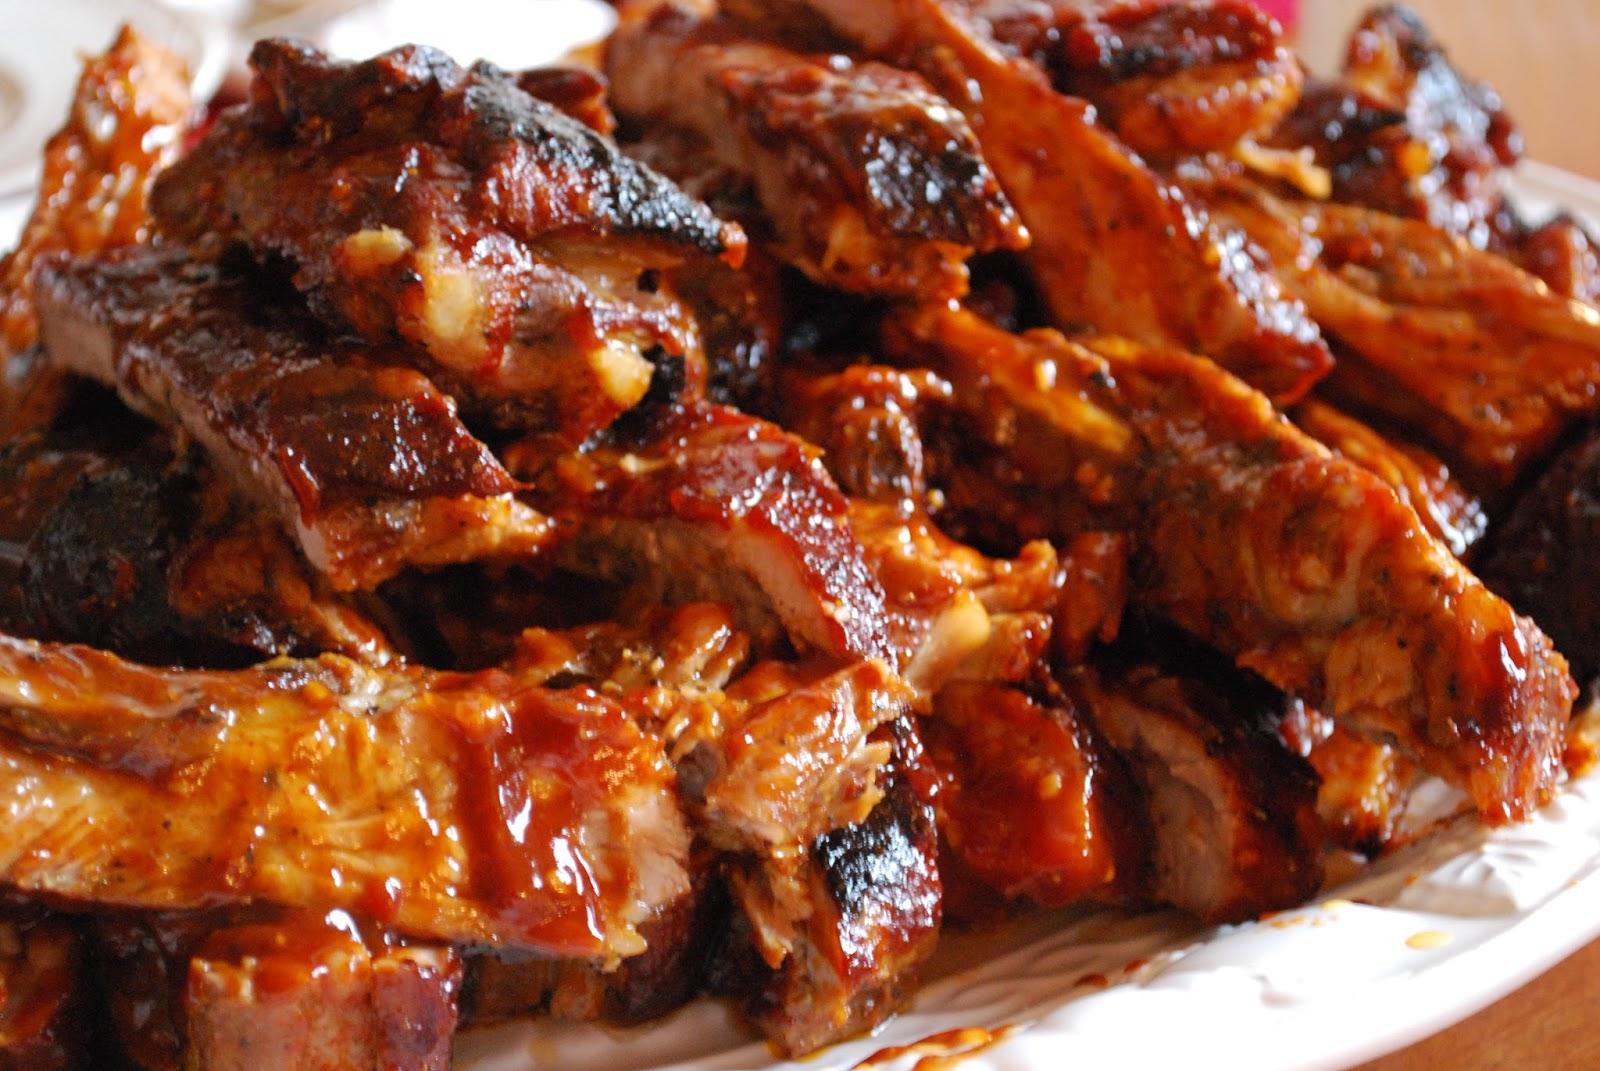 street food cuisine du monde recette de ribs c tes de porc pic s marin s au rhum et sauce. Black Bedroom Furniture Sets. Home Design Ideas